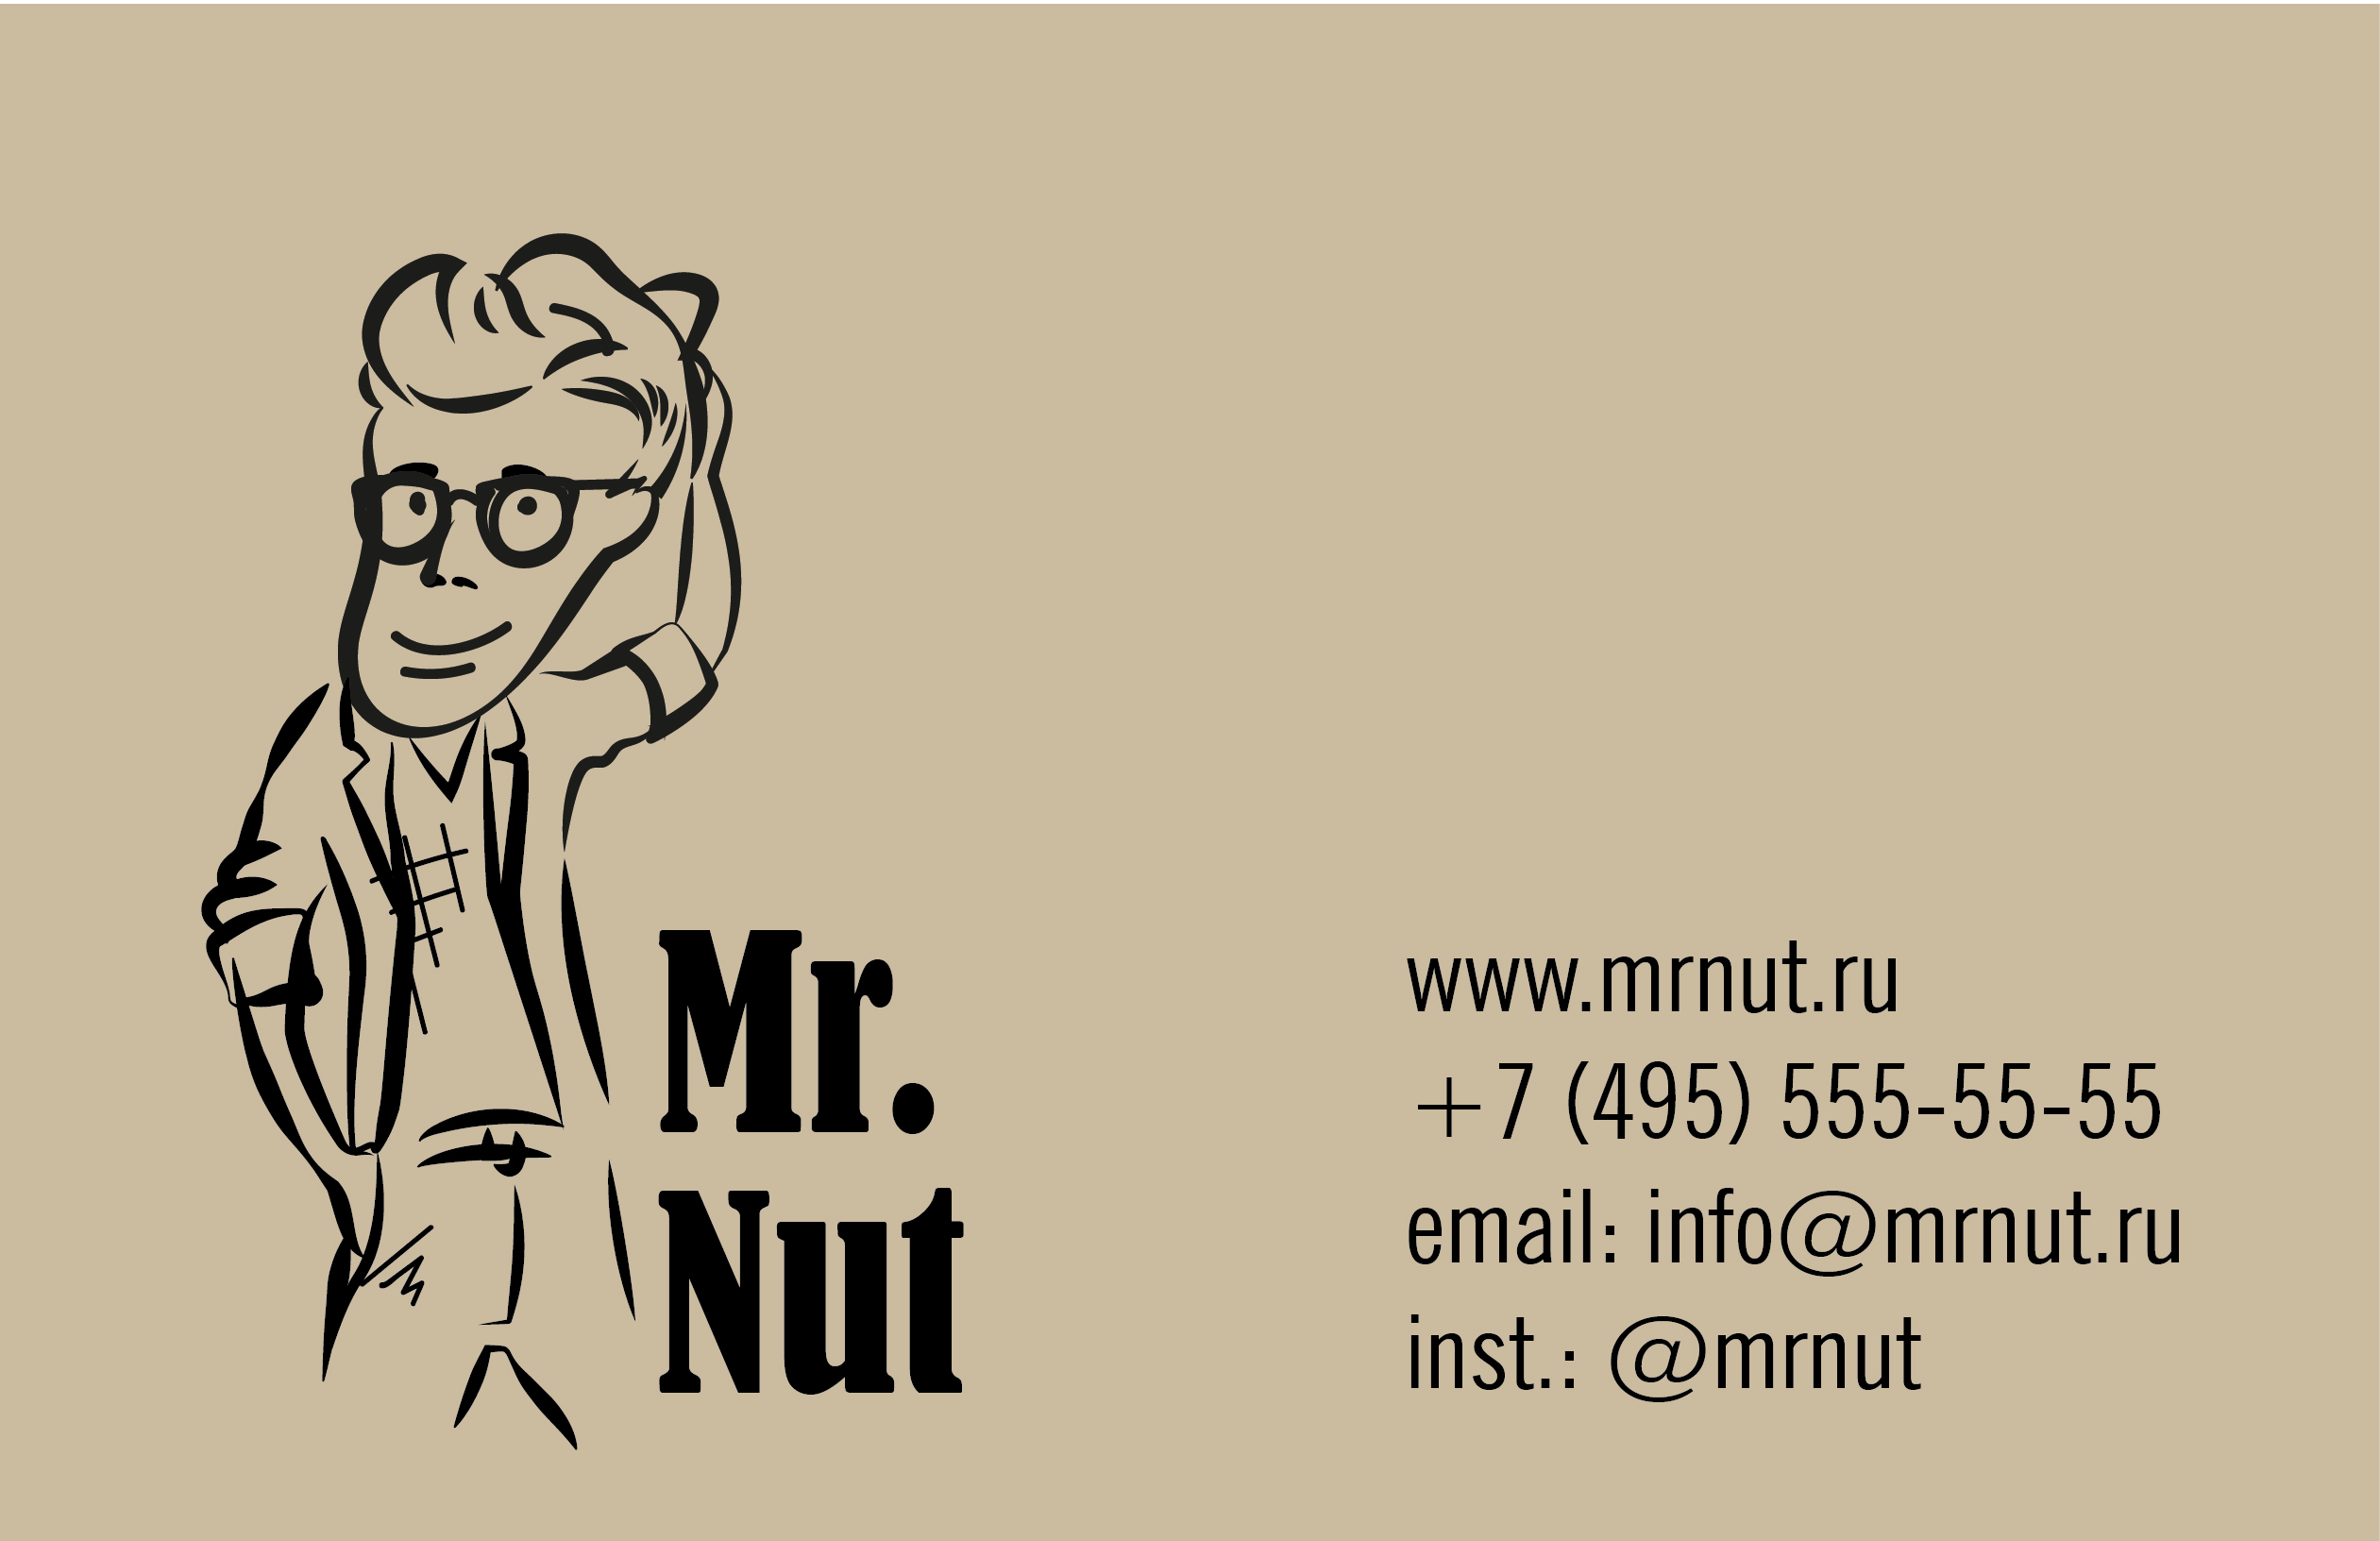 Разработать логотип и визитку фото f_52058fa8732375a4.jpg